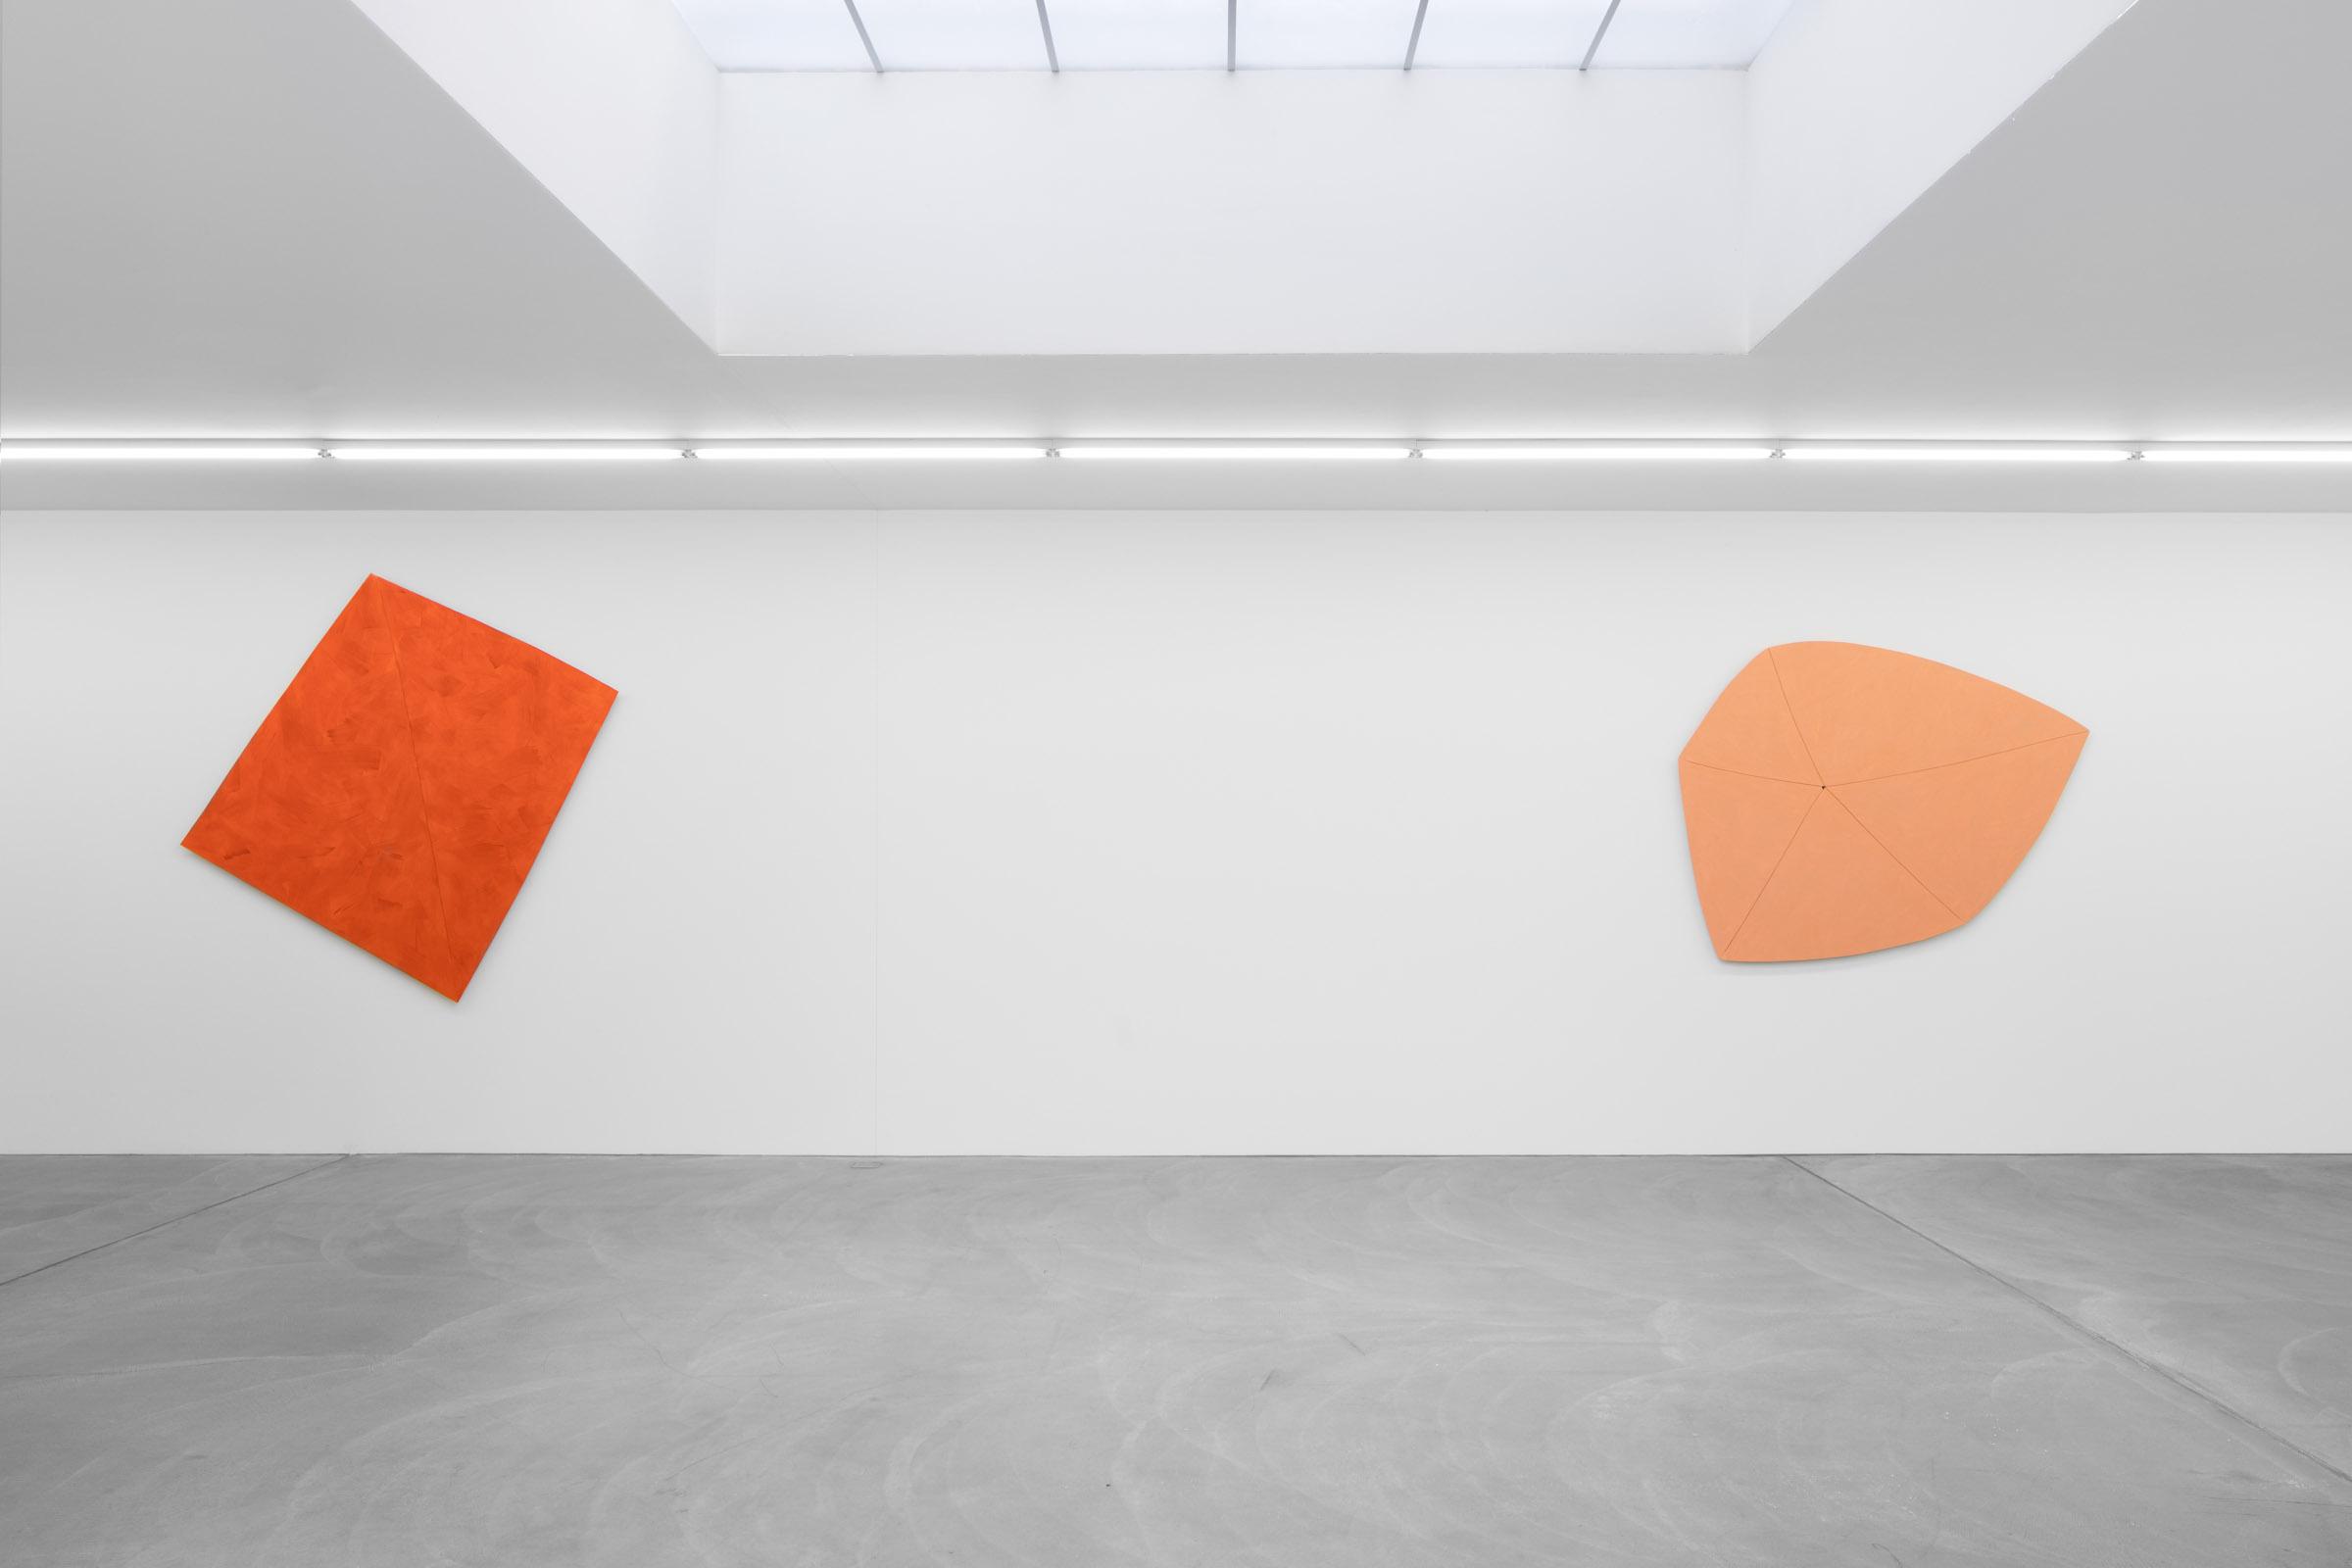 Galerie von Bartha_Imi Knoebel_Juni 2017_08_HighRes